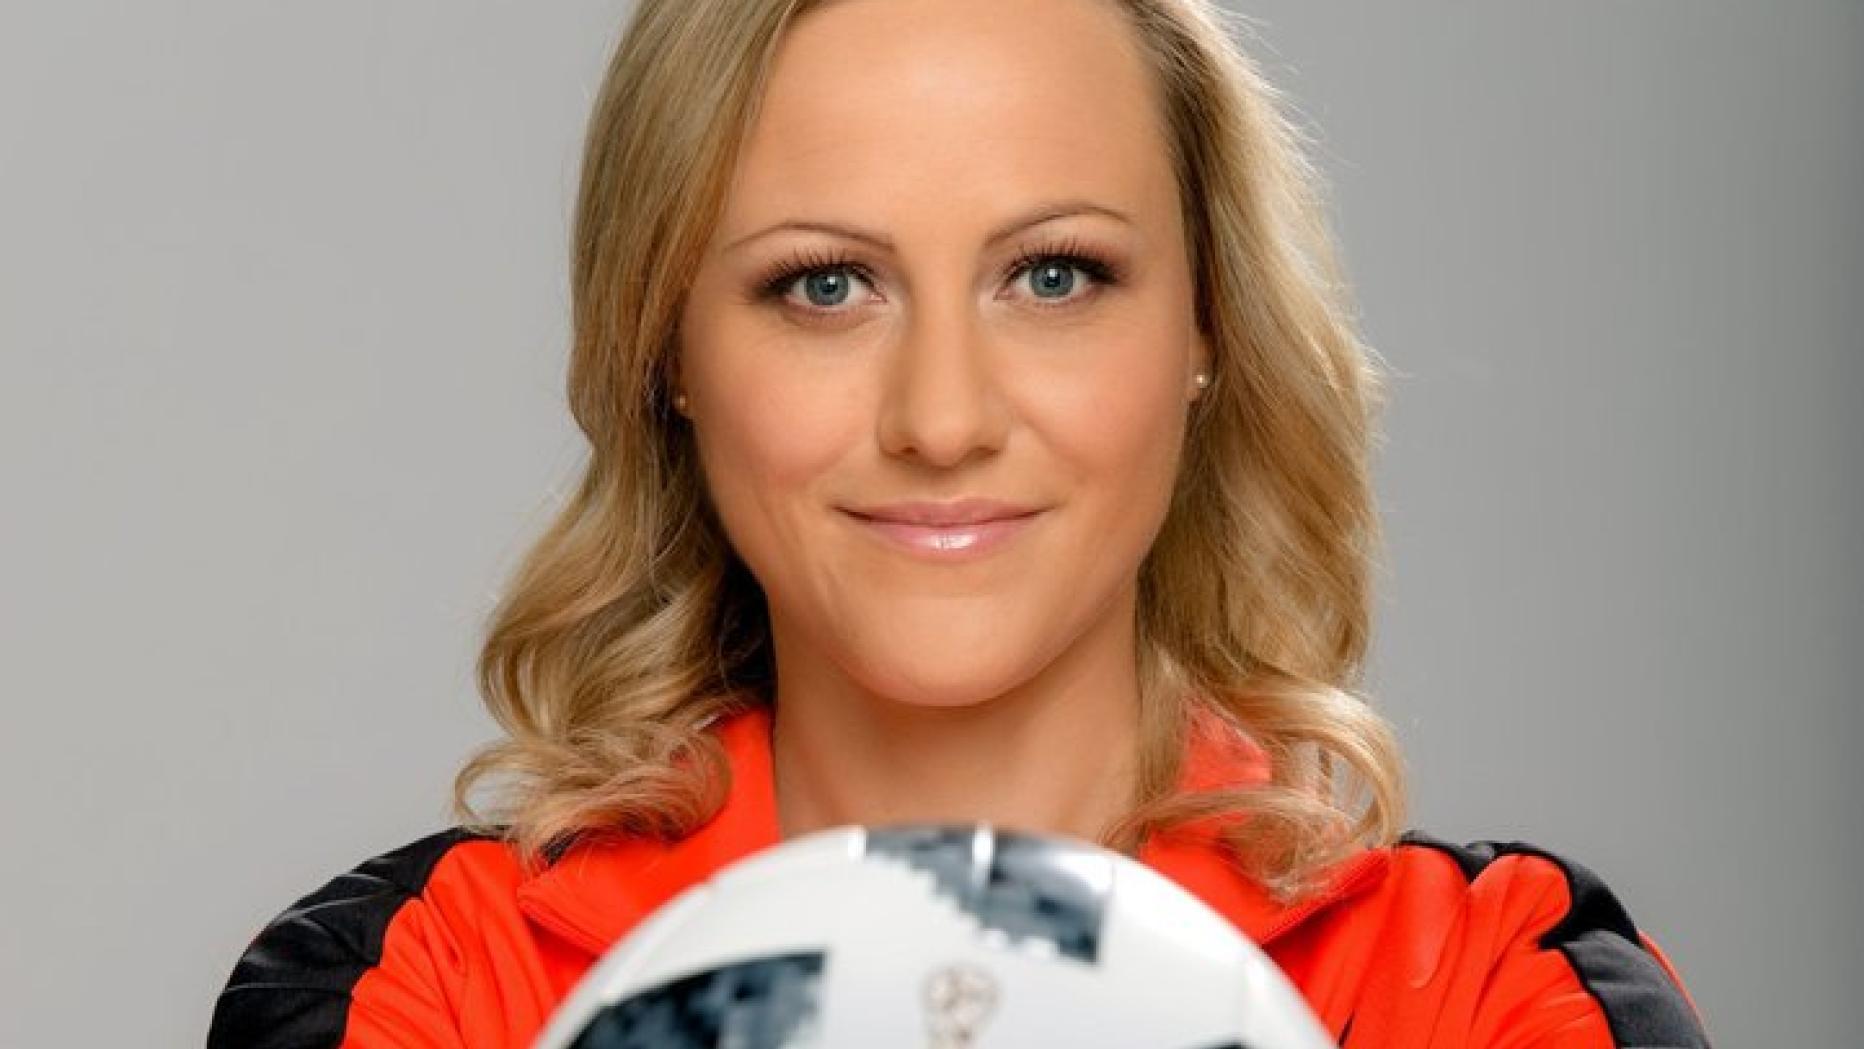 Alina Zellhofer Es Ist Ein Match Keine Herz Op Kurier At